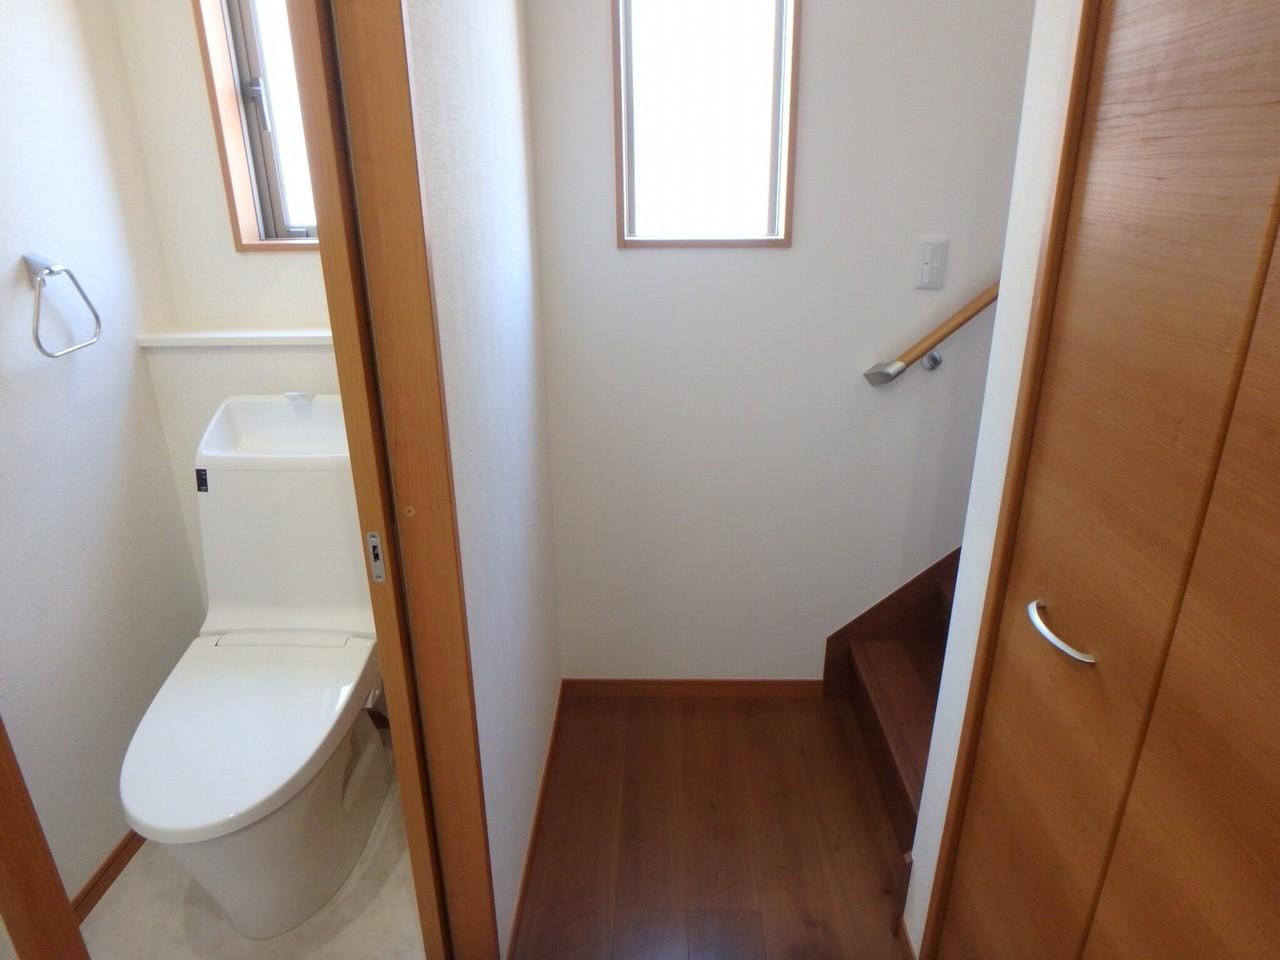 玄関入って右手には、収納・階段・トイレを完備。 廊下のある家が少なくなってきている中で、建売で廊下&階段は嬉しいですね。 廊下という空間があることで、部屋と部屋の仕切りにもなっていますよ。